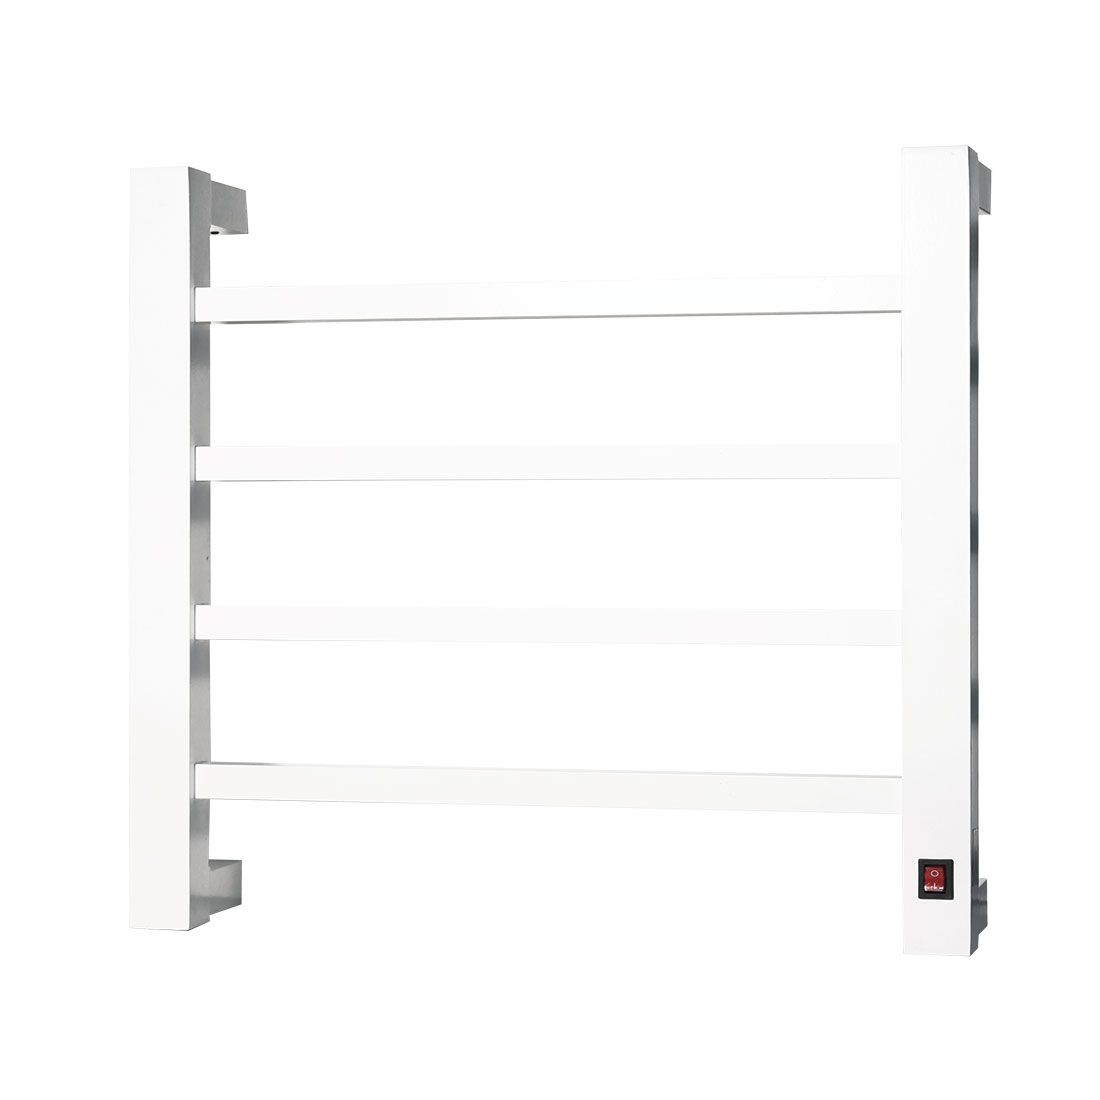 Toalheiro Térmico de Parede Branco Pequeno 42x39cm KEBRPS para Banheiros e Lavabos